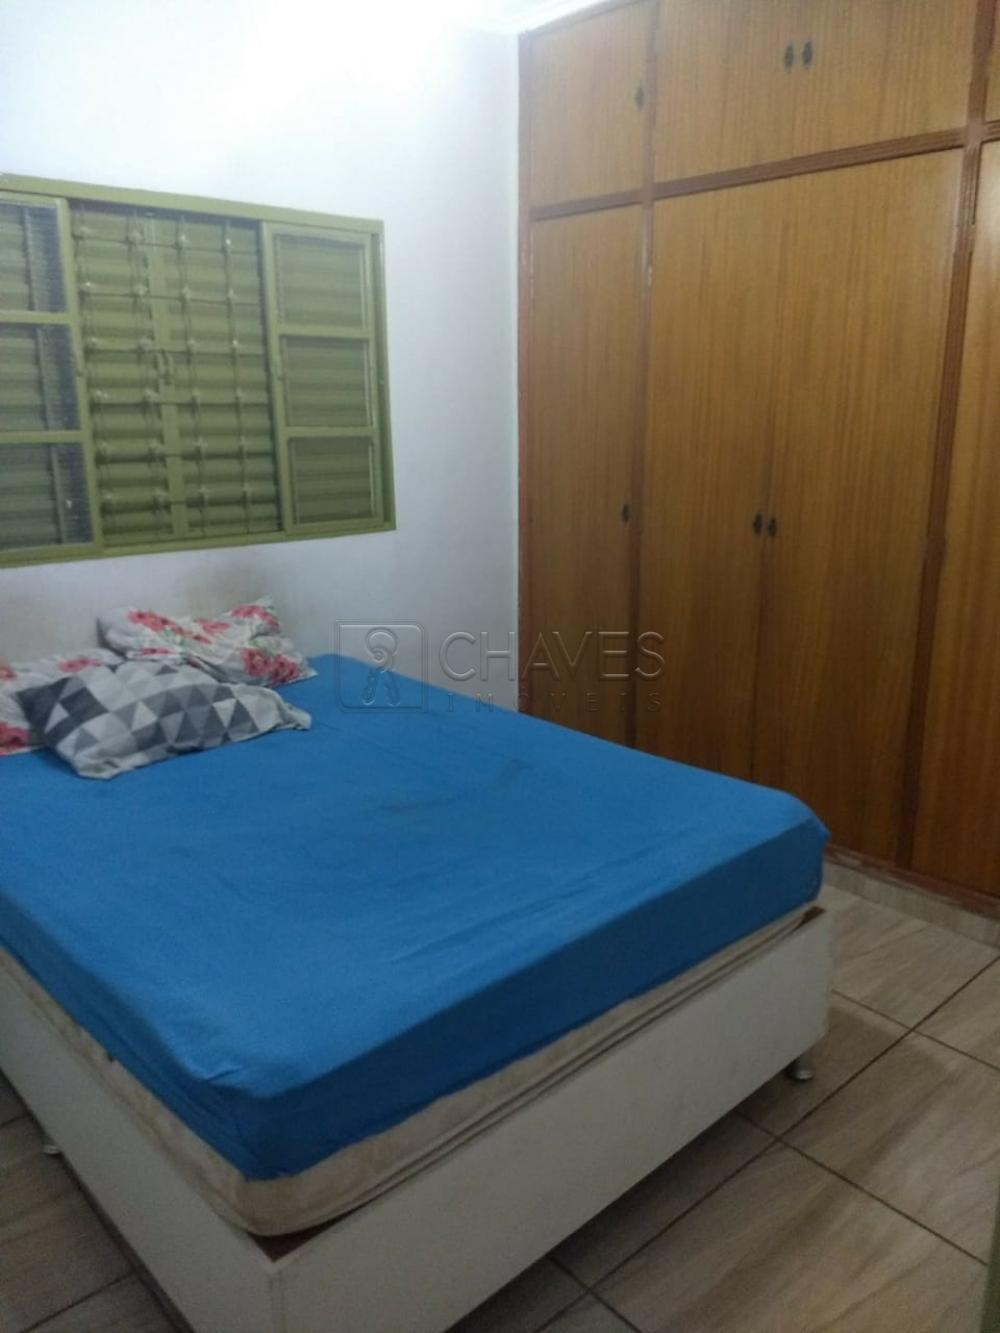 Comprar Casa / Padrão em Ribeirão Preto apenas R$ 190.000,00 - Foto 13